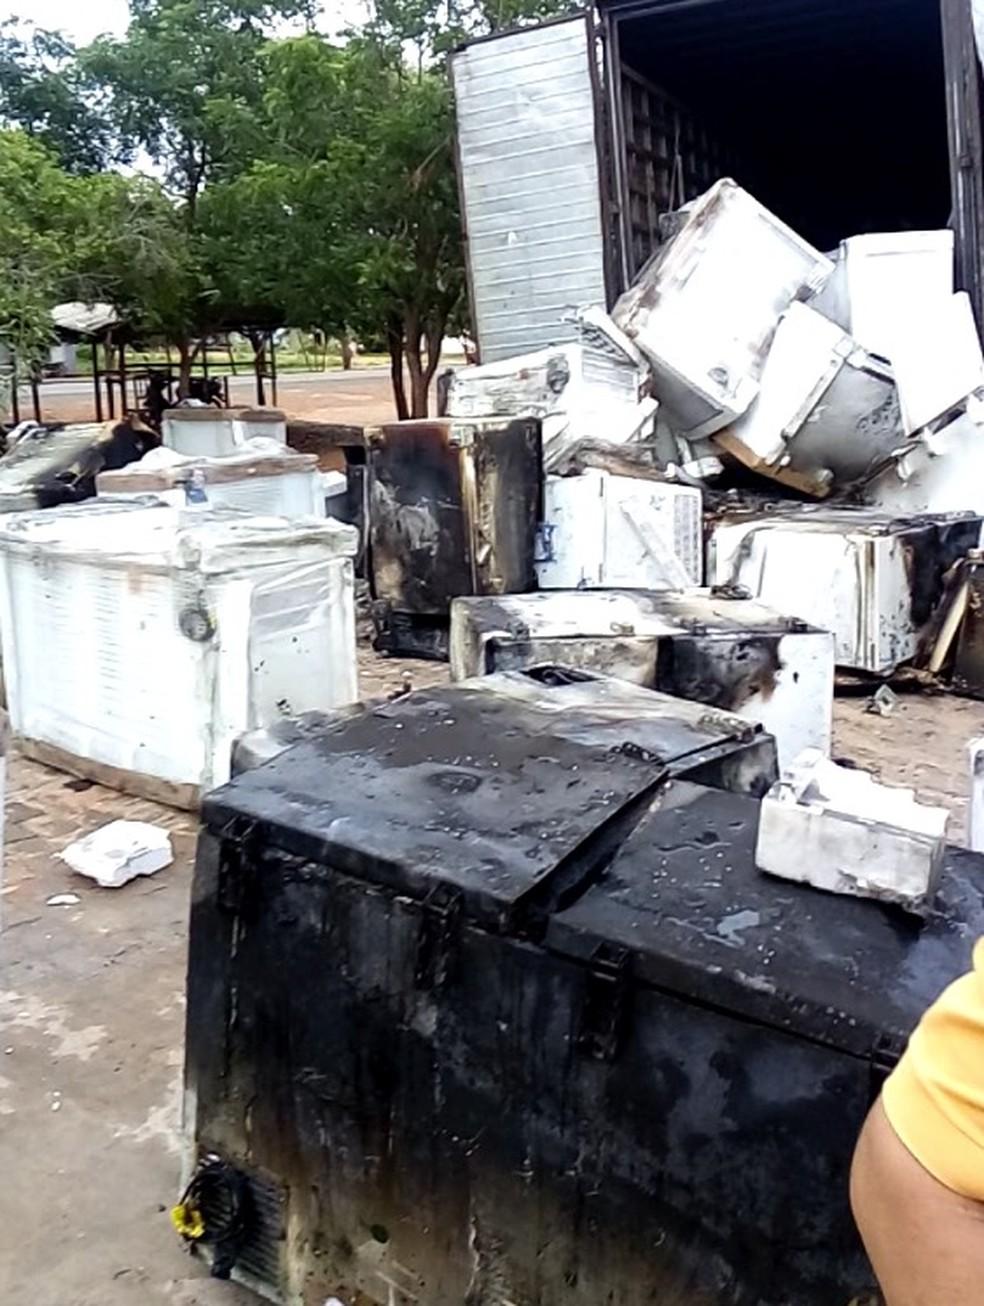 Cerca de 100 freezers foram queimados em incêndio no Piauí — Foto: Everaldo Moura